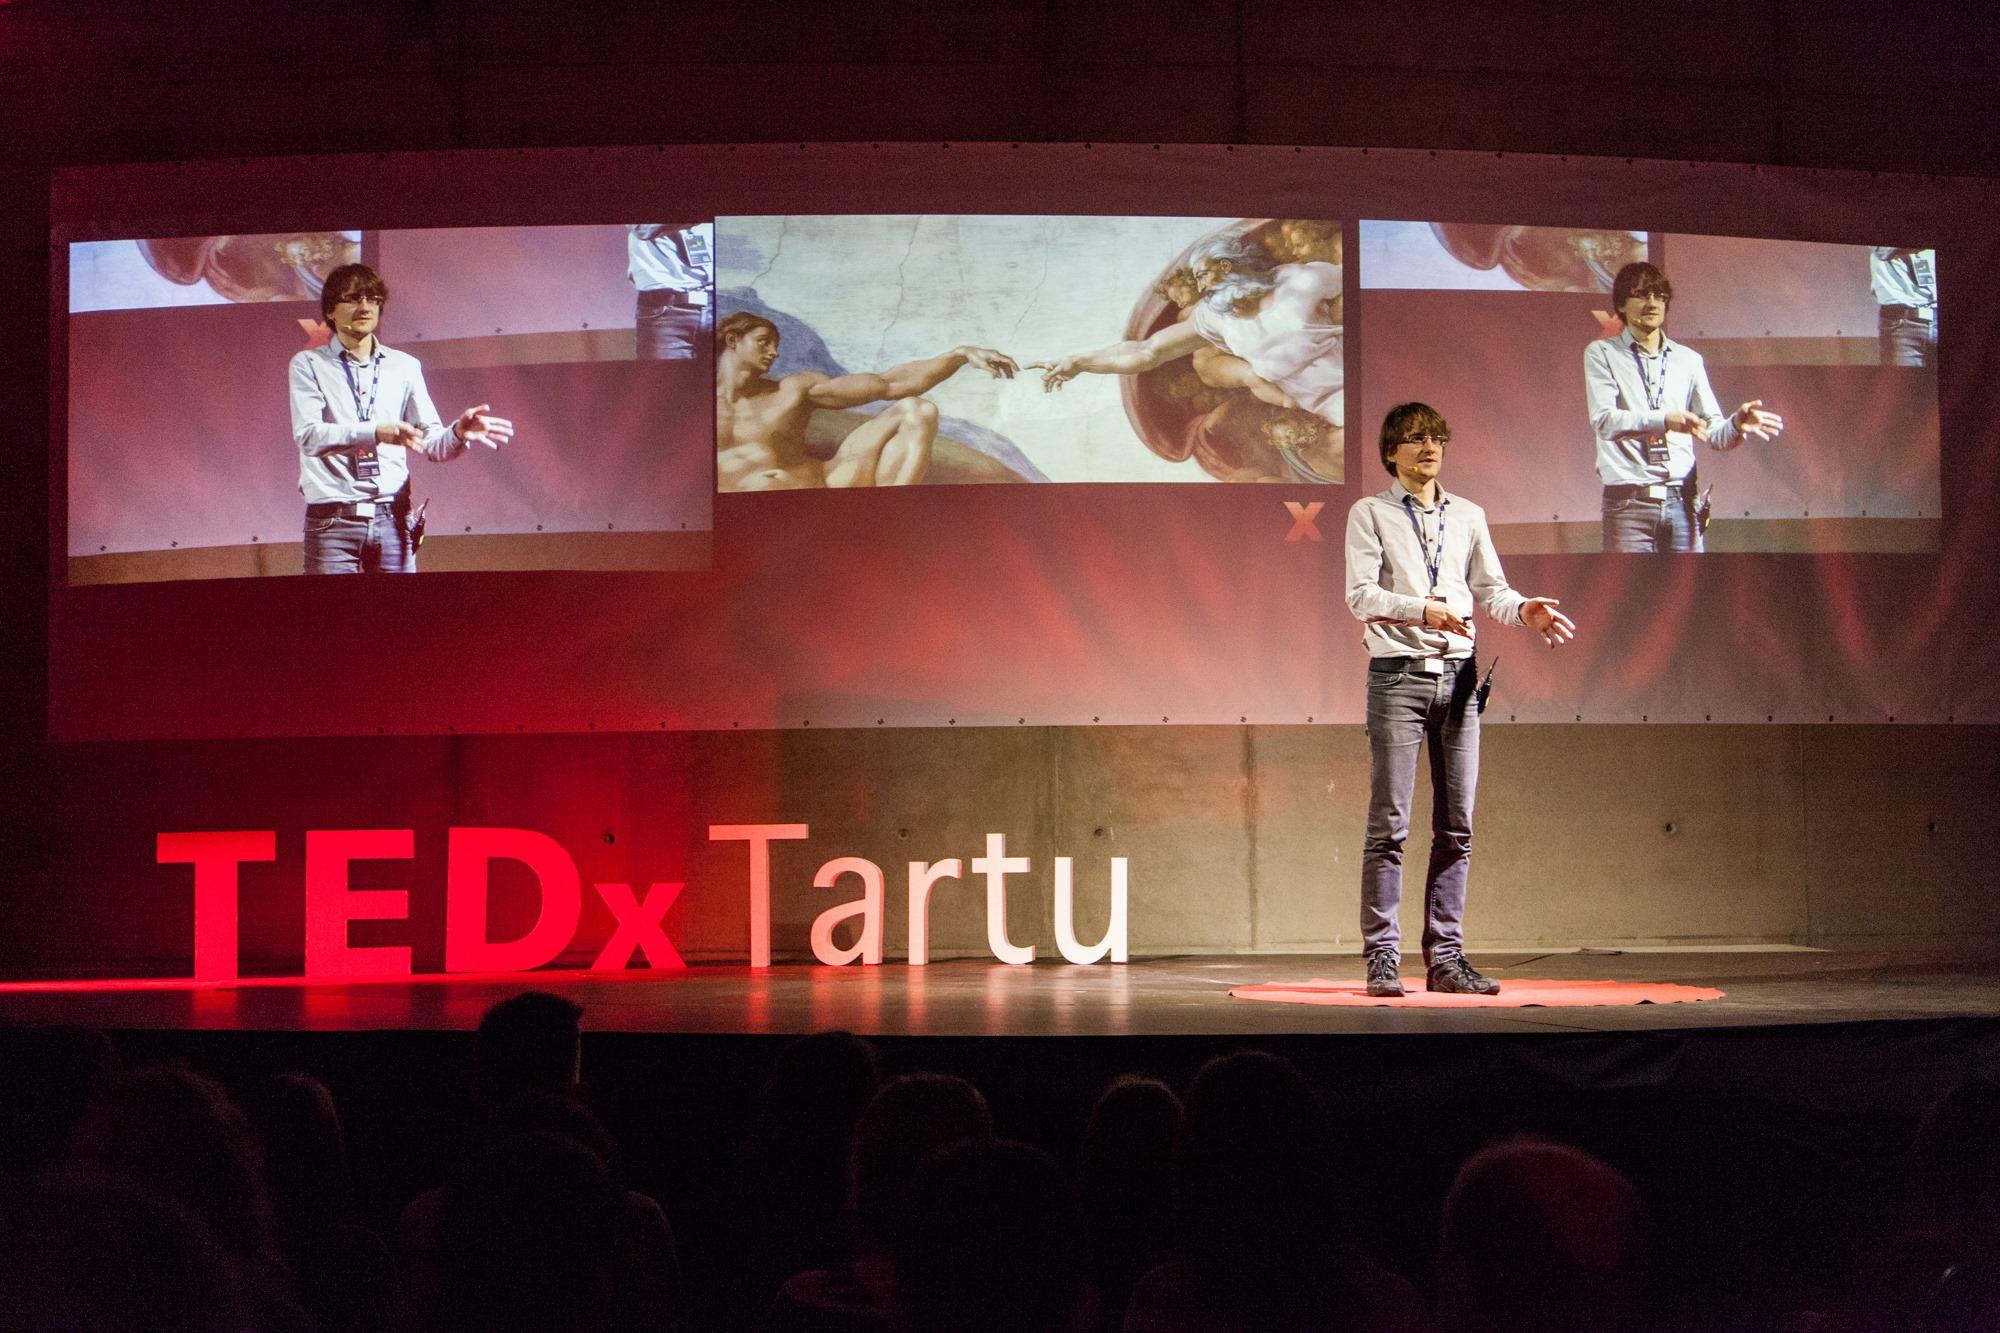 TEDx Tartu